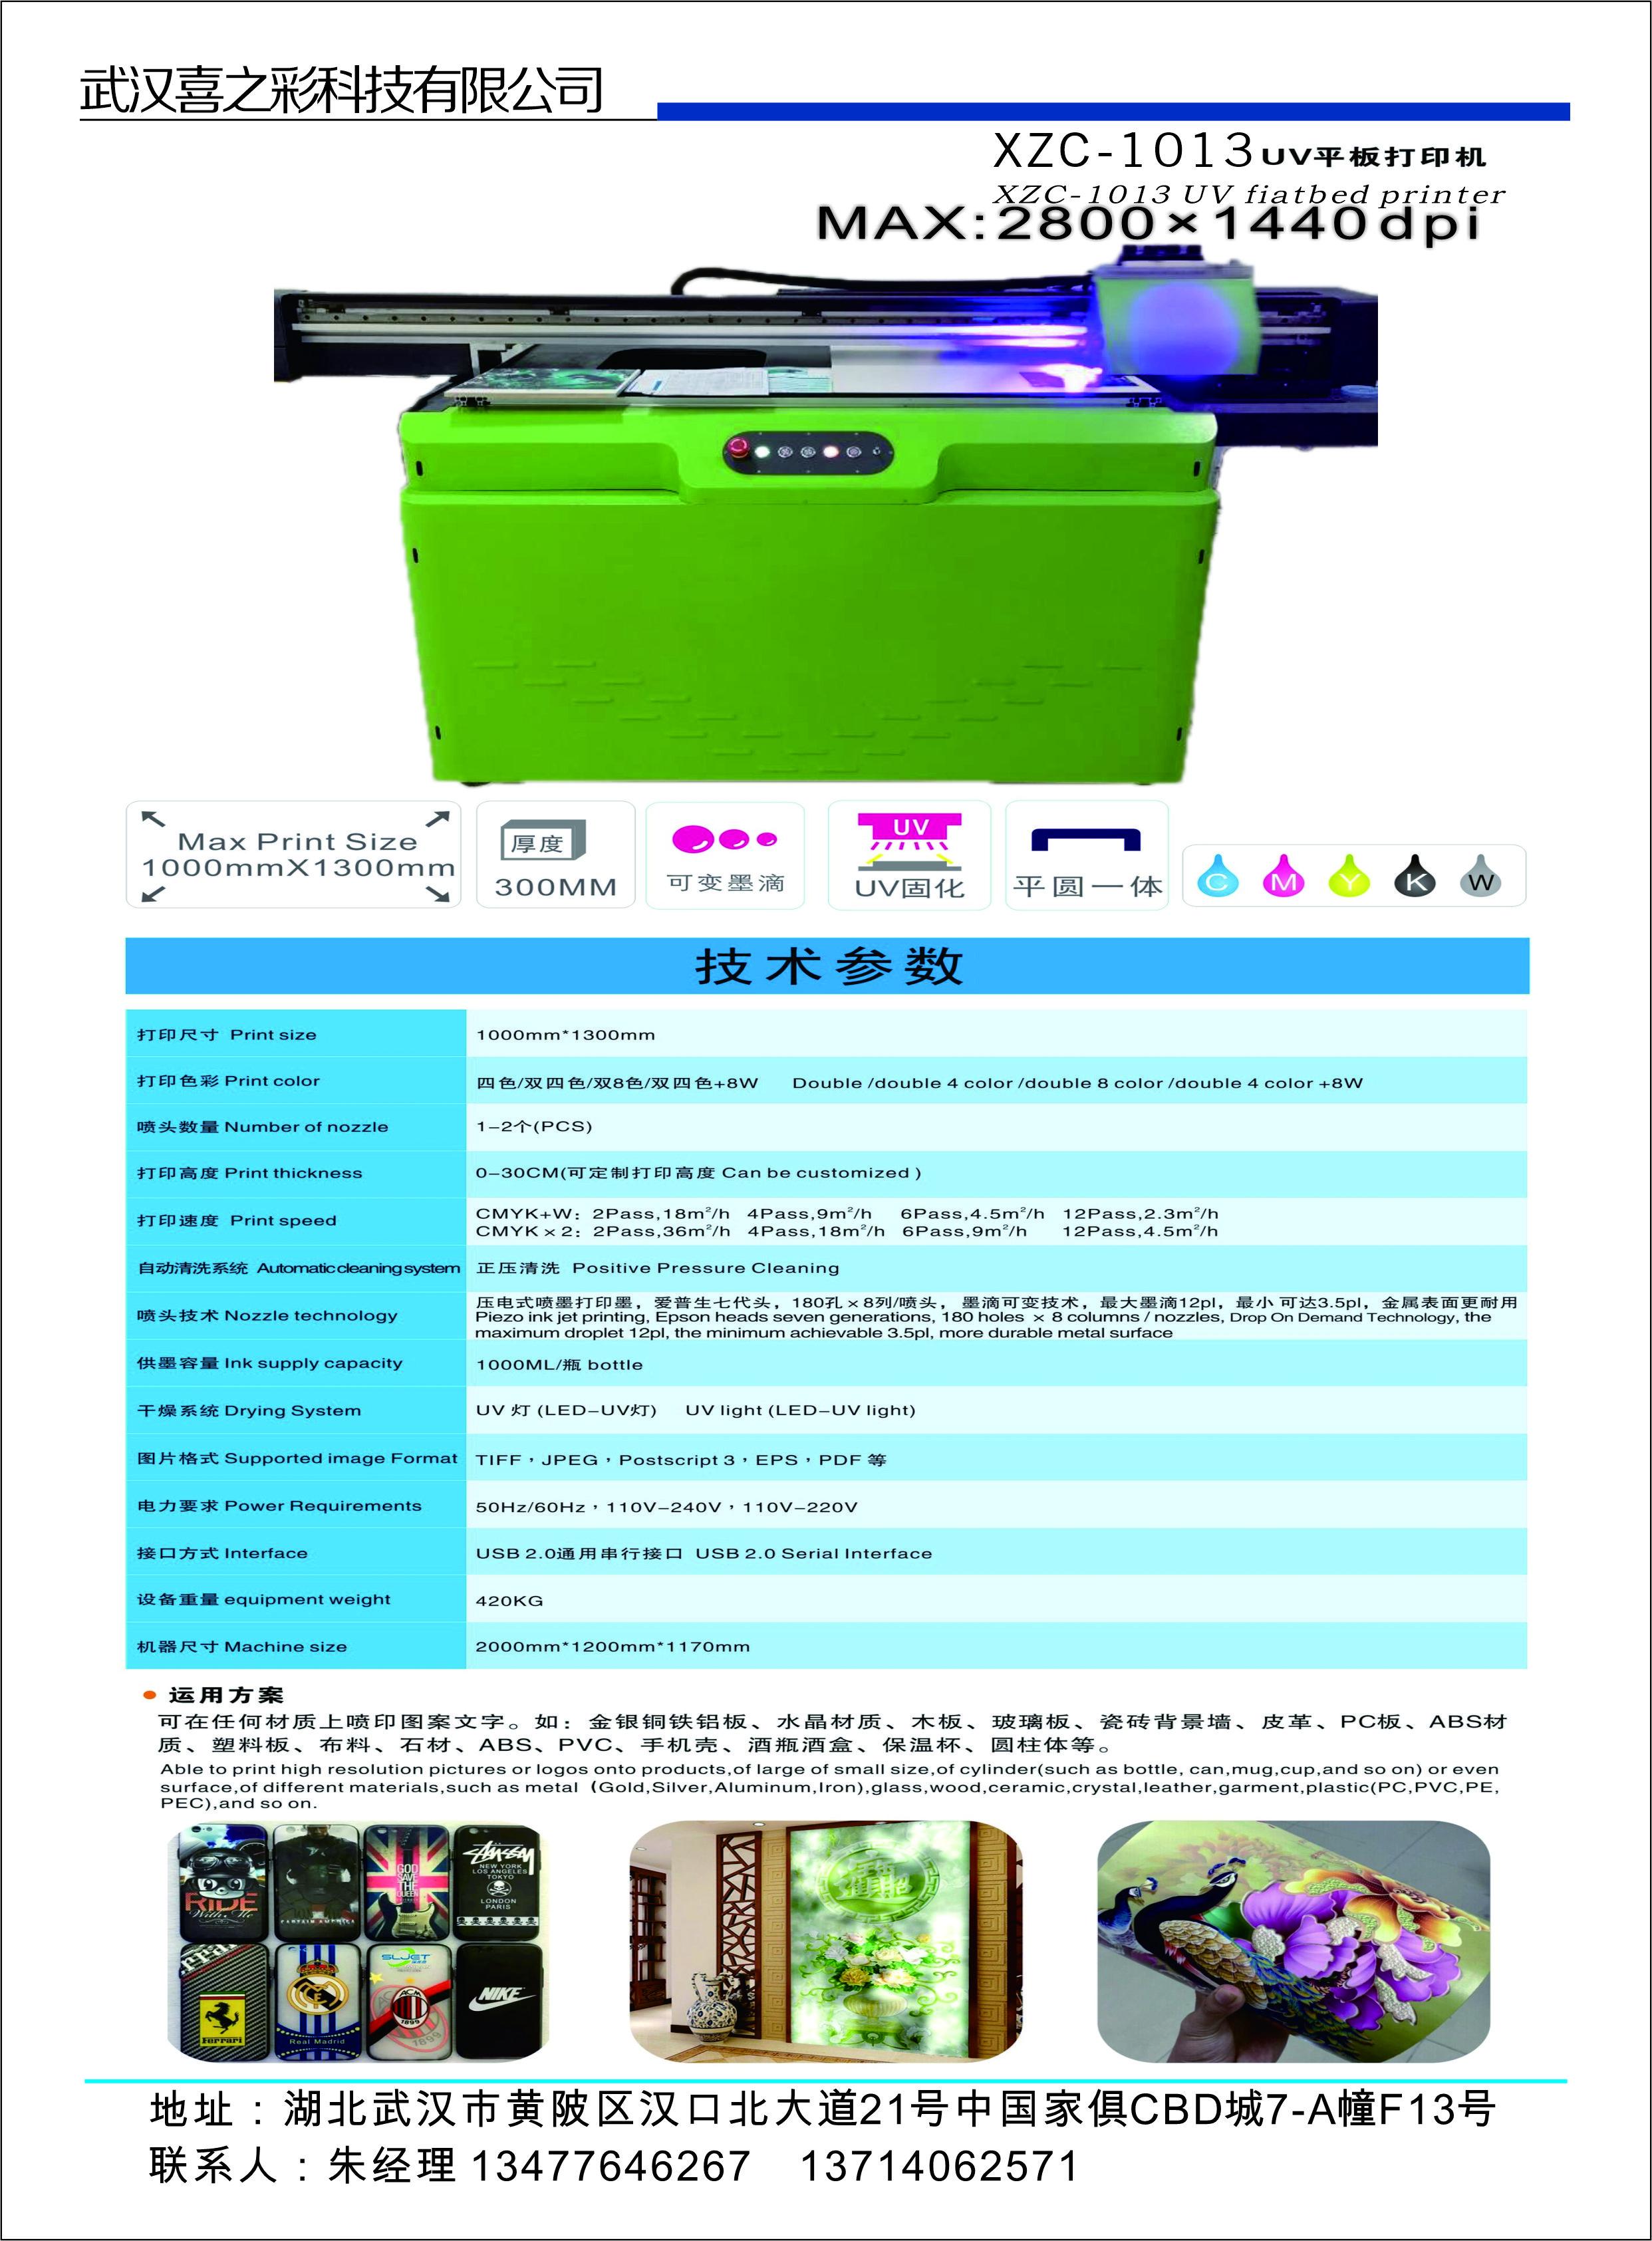 酒瓶平板打印机酒盒UV打印机私人定制创业万能打印机喜之彩厂家